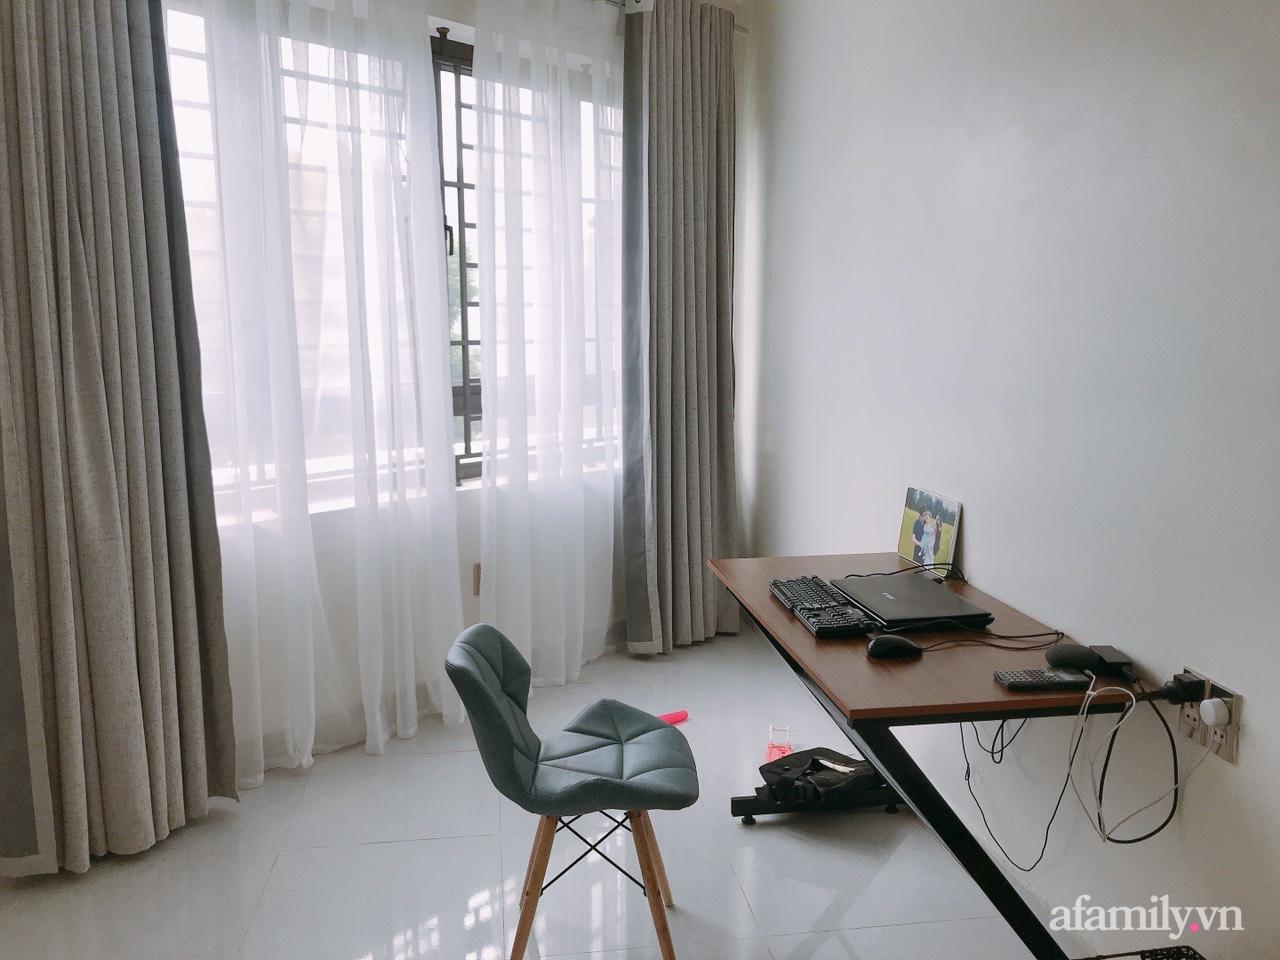 Từ lô đất méo mó vát góc, KTS thiết kế căn nhà đẹp mỹ mãn dành cho vợ chồng trẻ ở TP. Hải Dương có chi phí nội thất 150 triệu đồng - Ảnh 10.